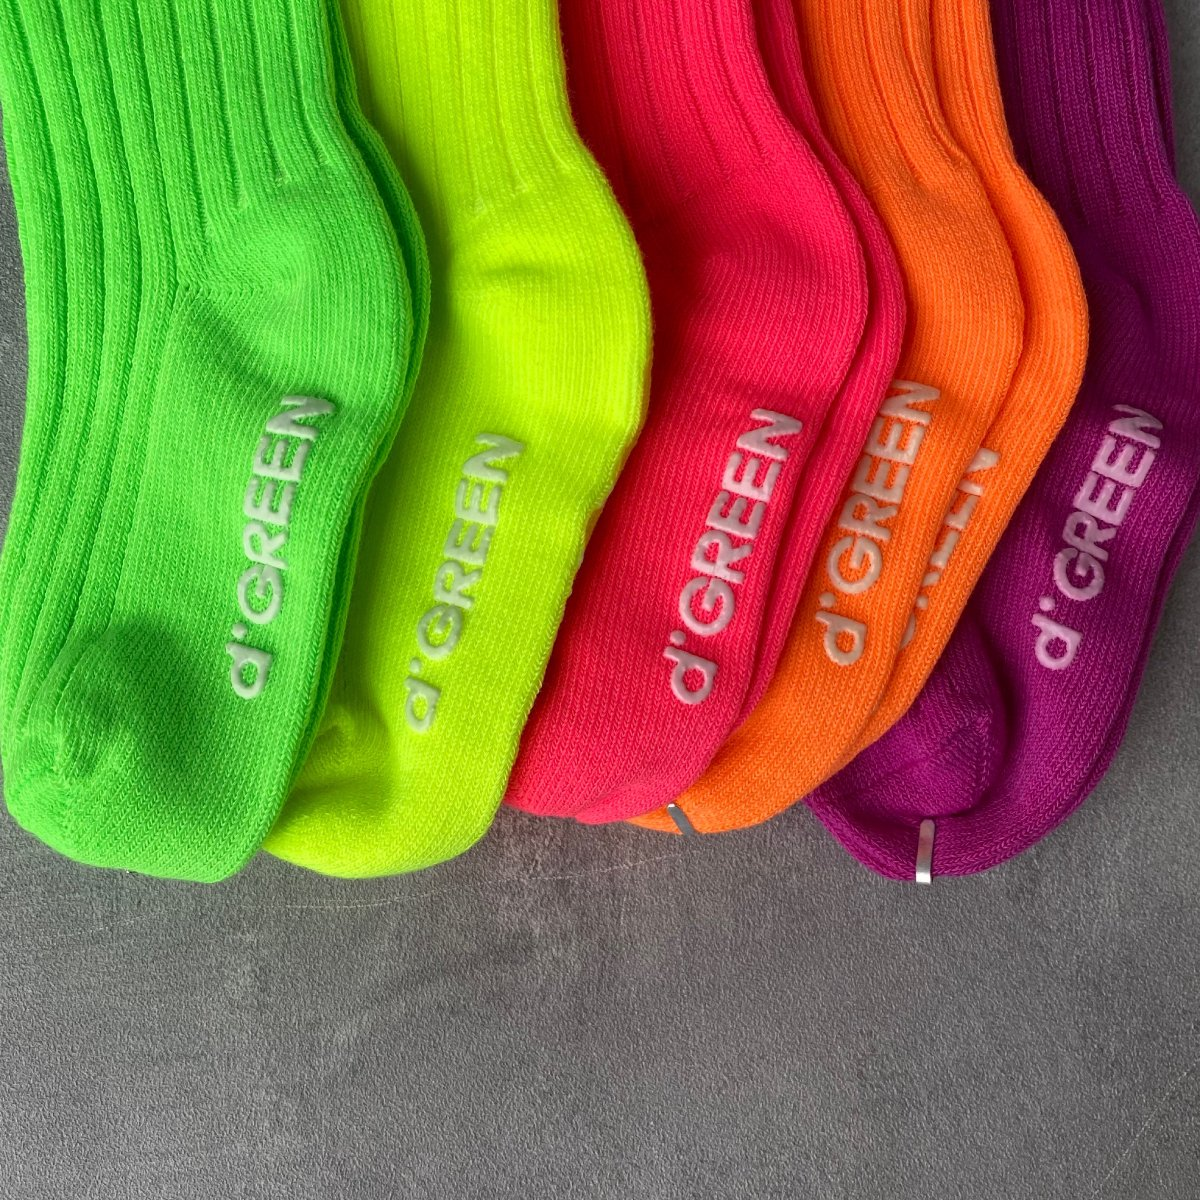 【KIDS】Neon Socks 詳細画像3